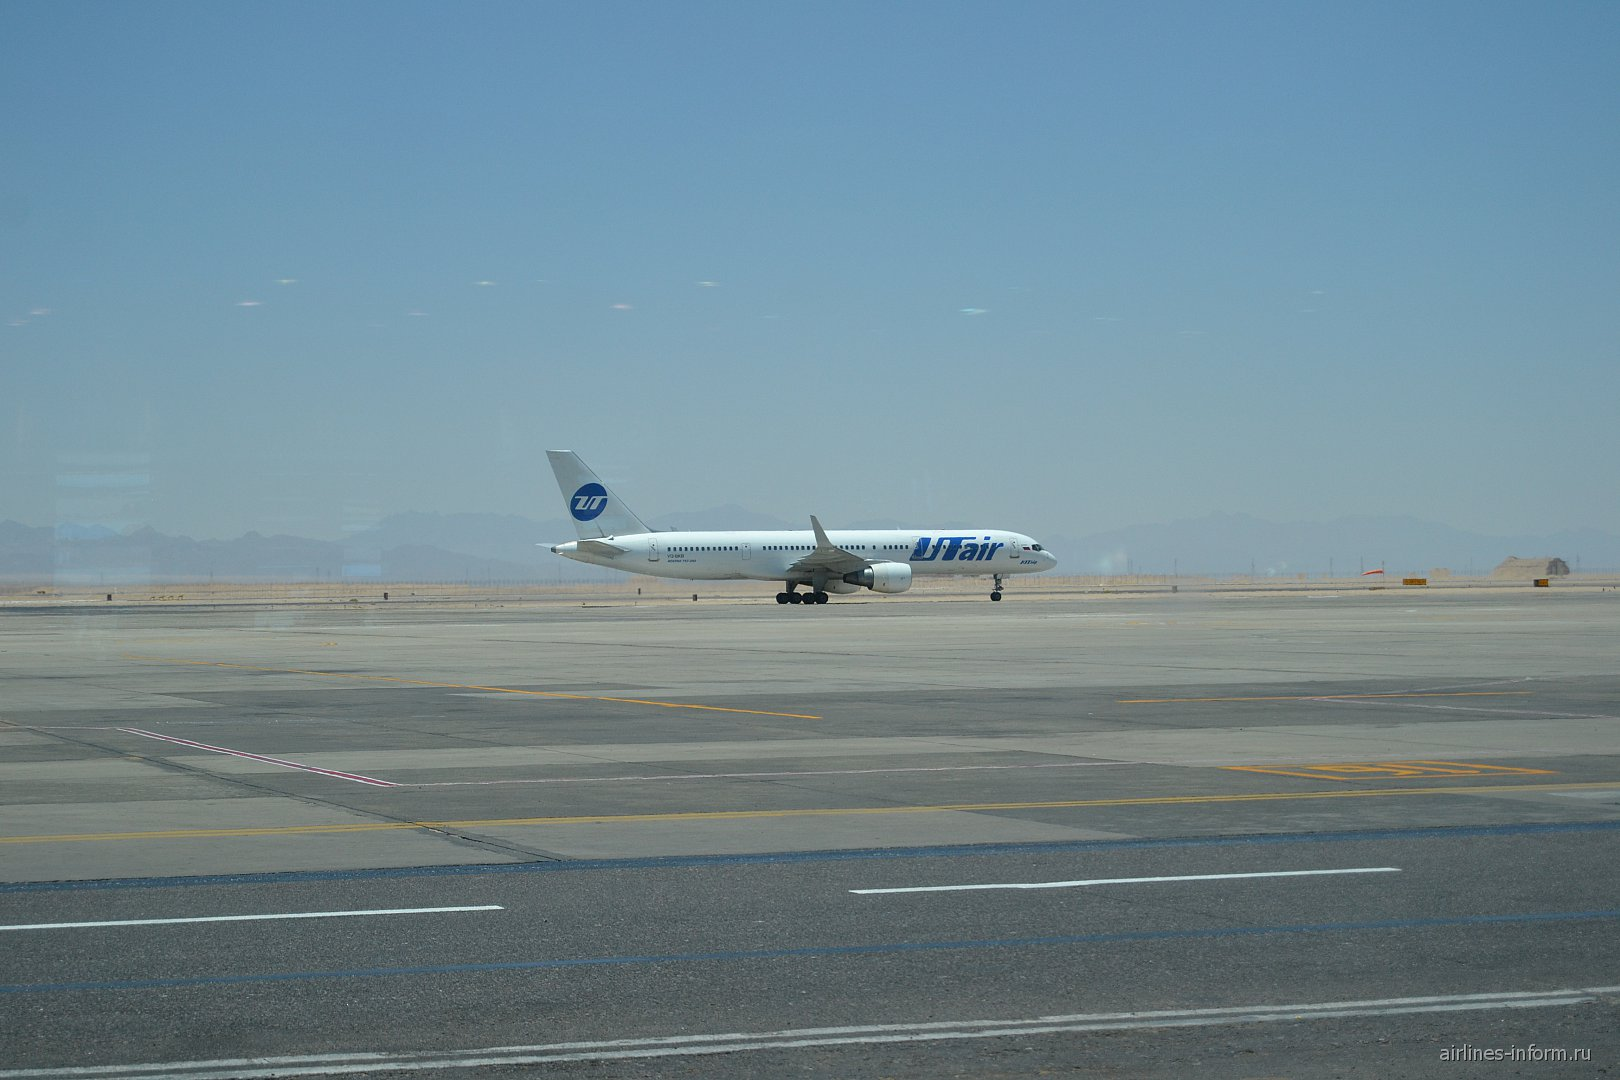 Боинг-757 ЮТэйр в  аэропорту Хургада